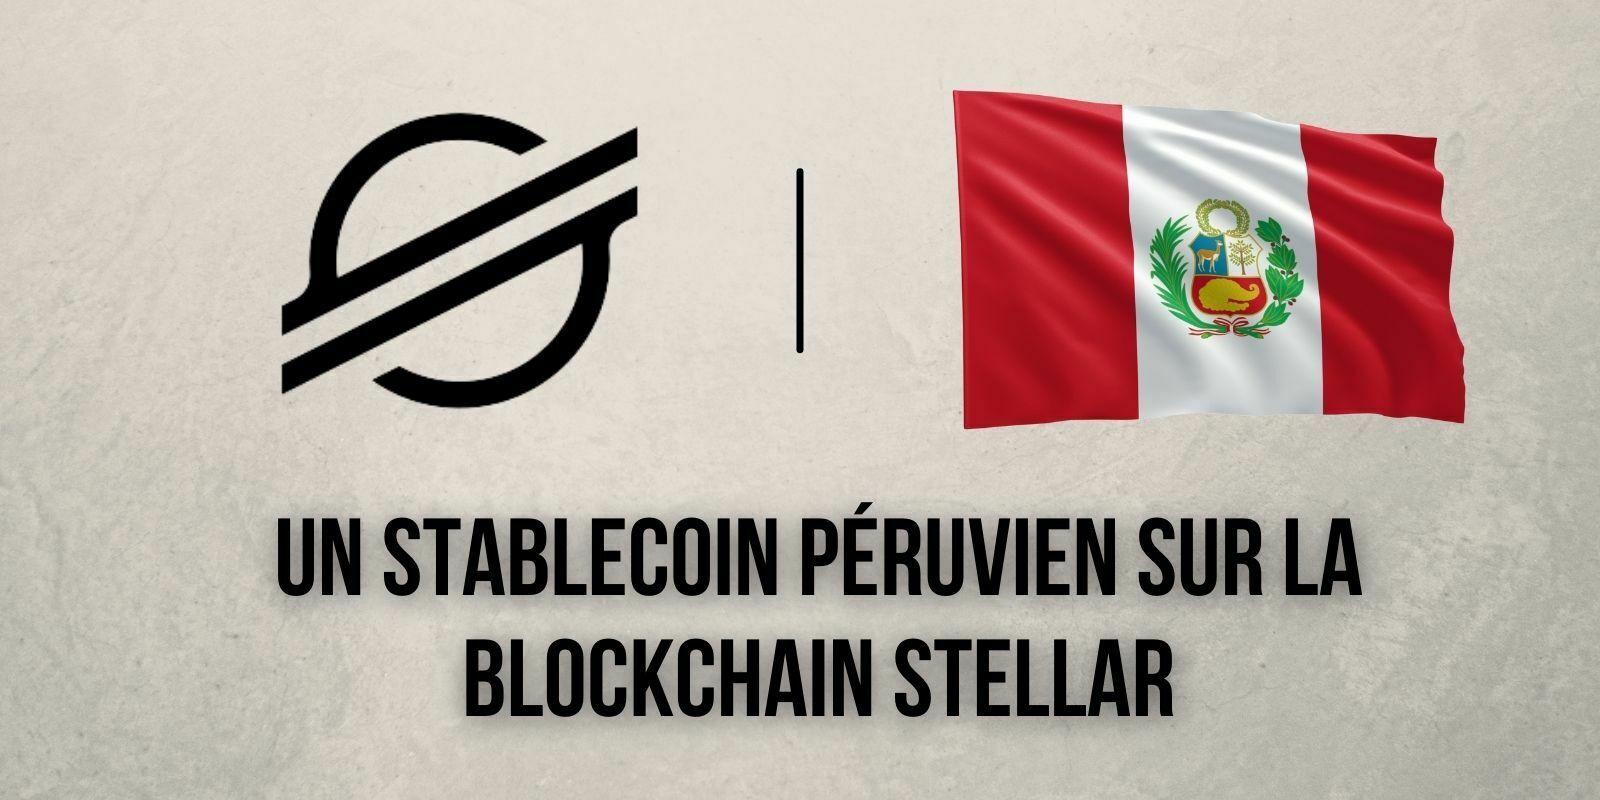 Émis sur la blockchain Stellar (XLM), le Pérou se dote d'un stablecoin